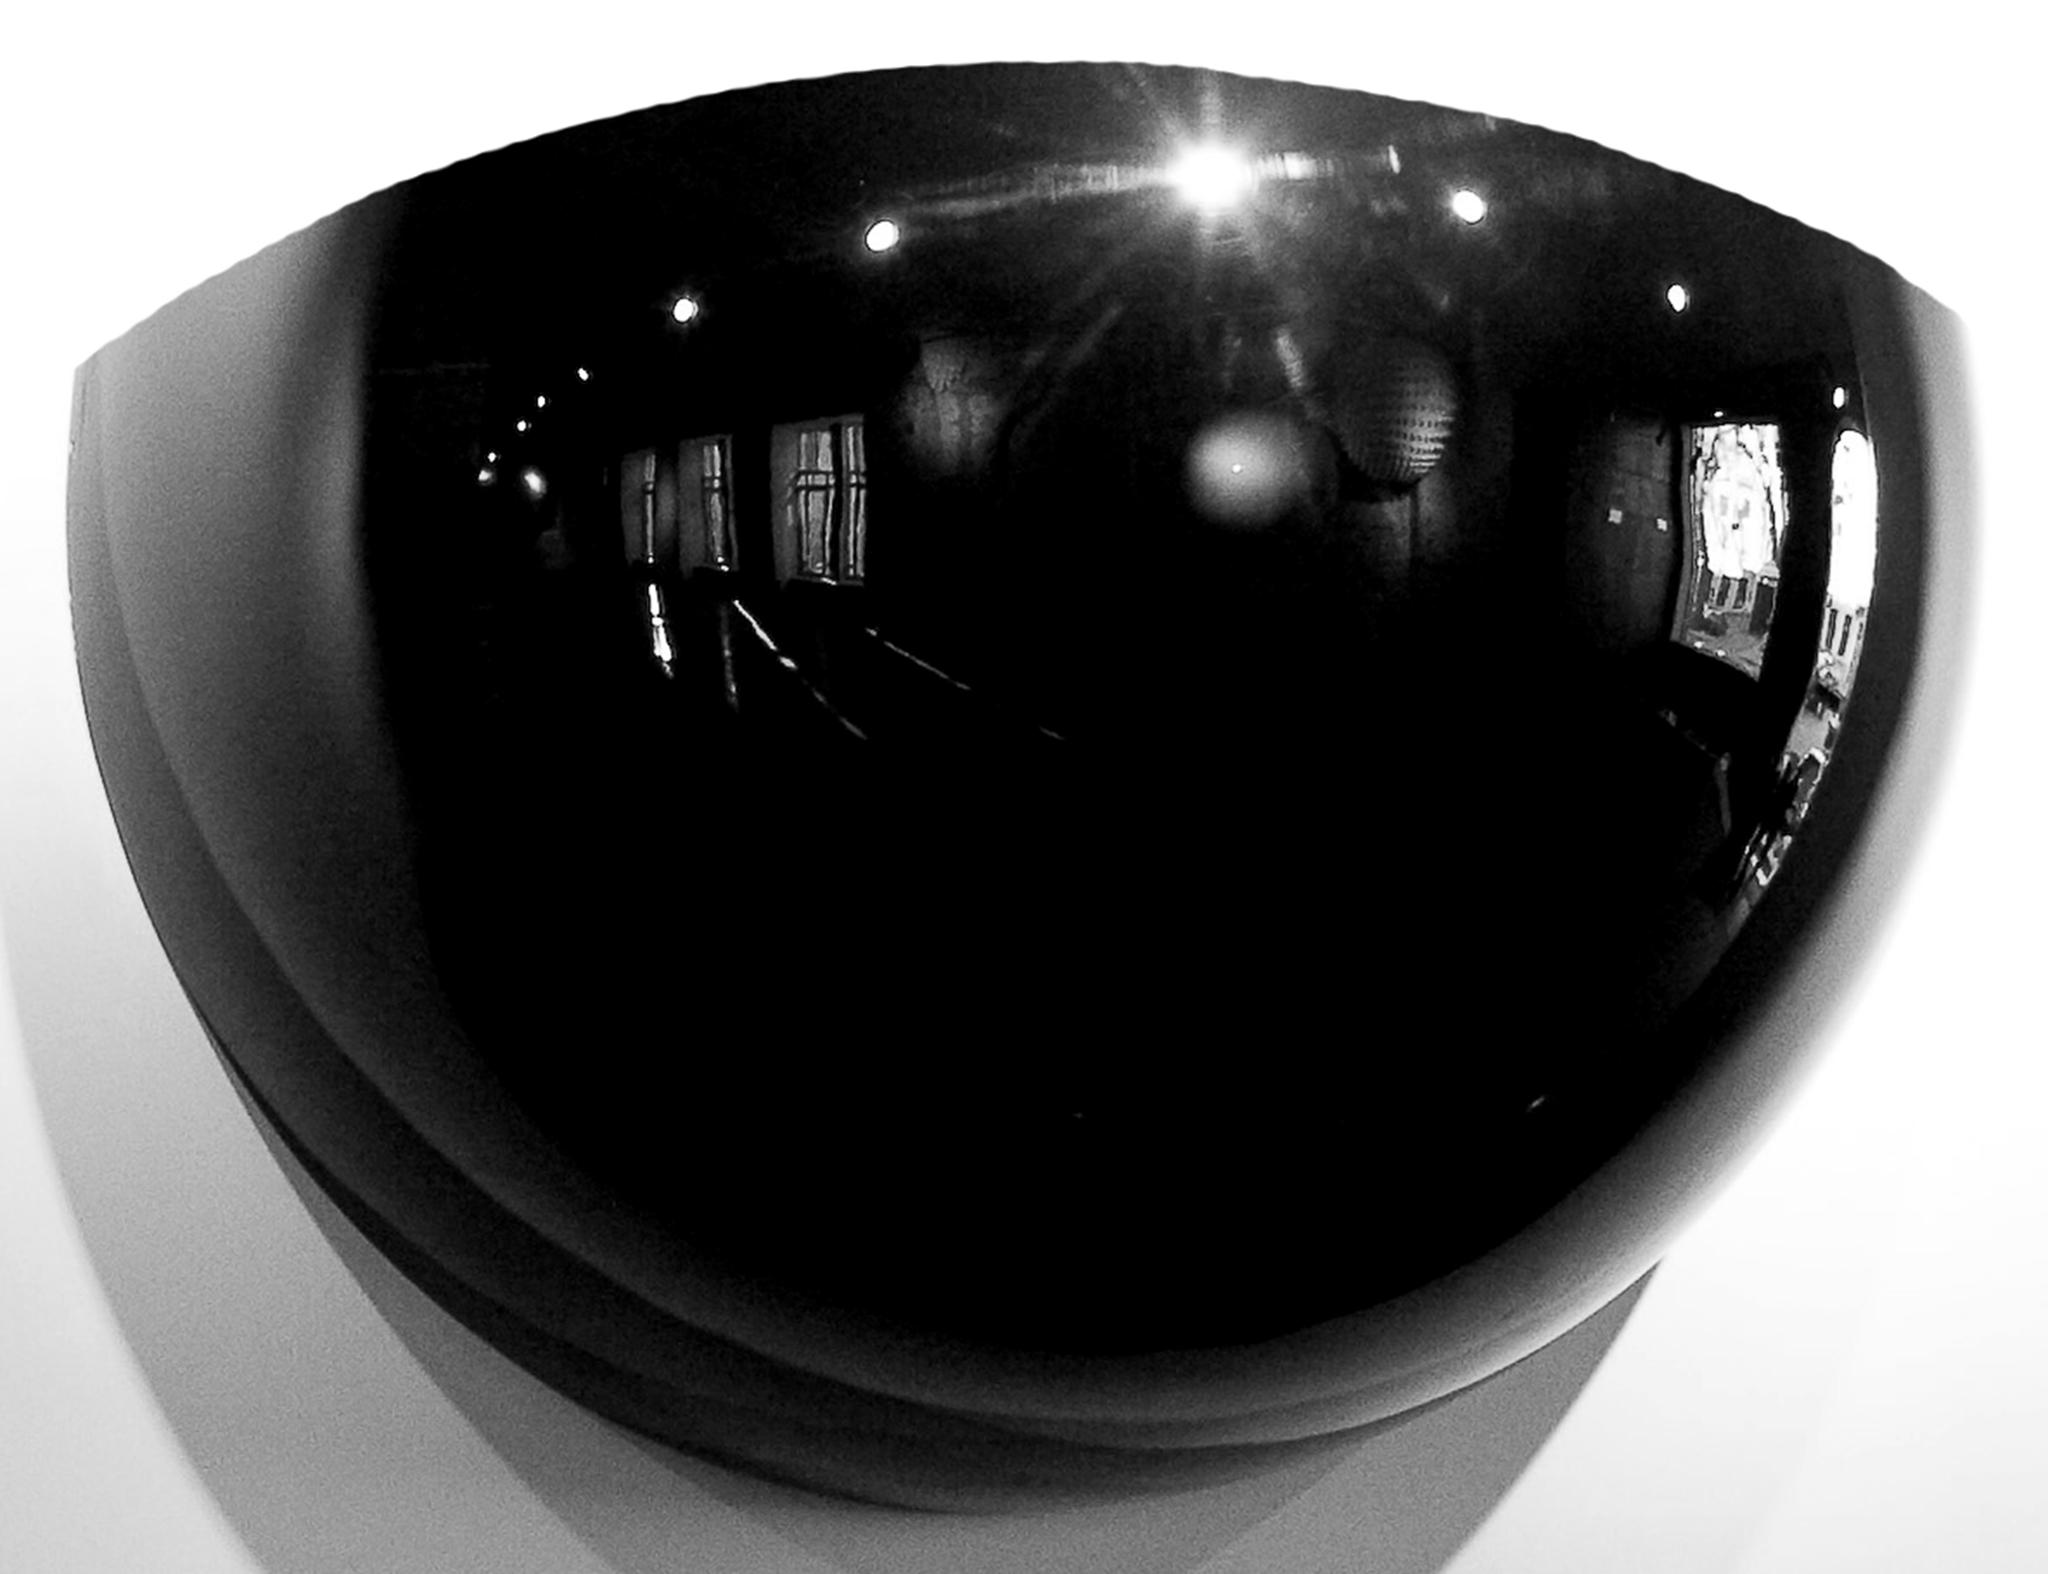 Truncated (at 30 cm) sphere, black, mat